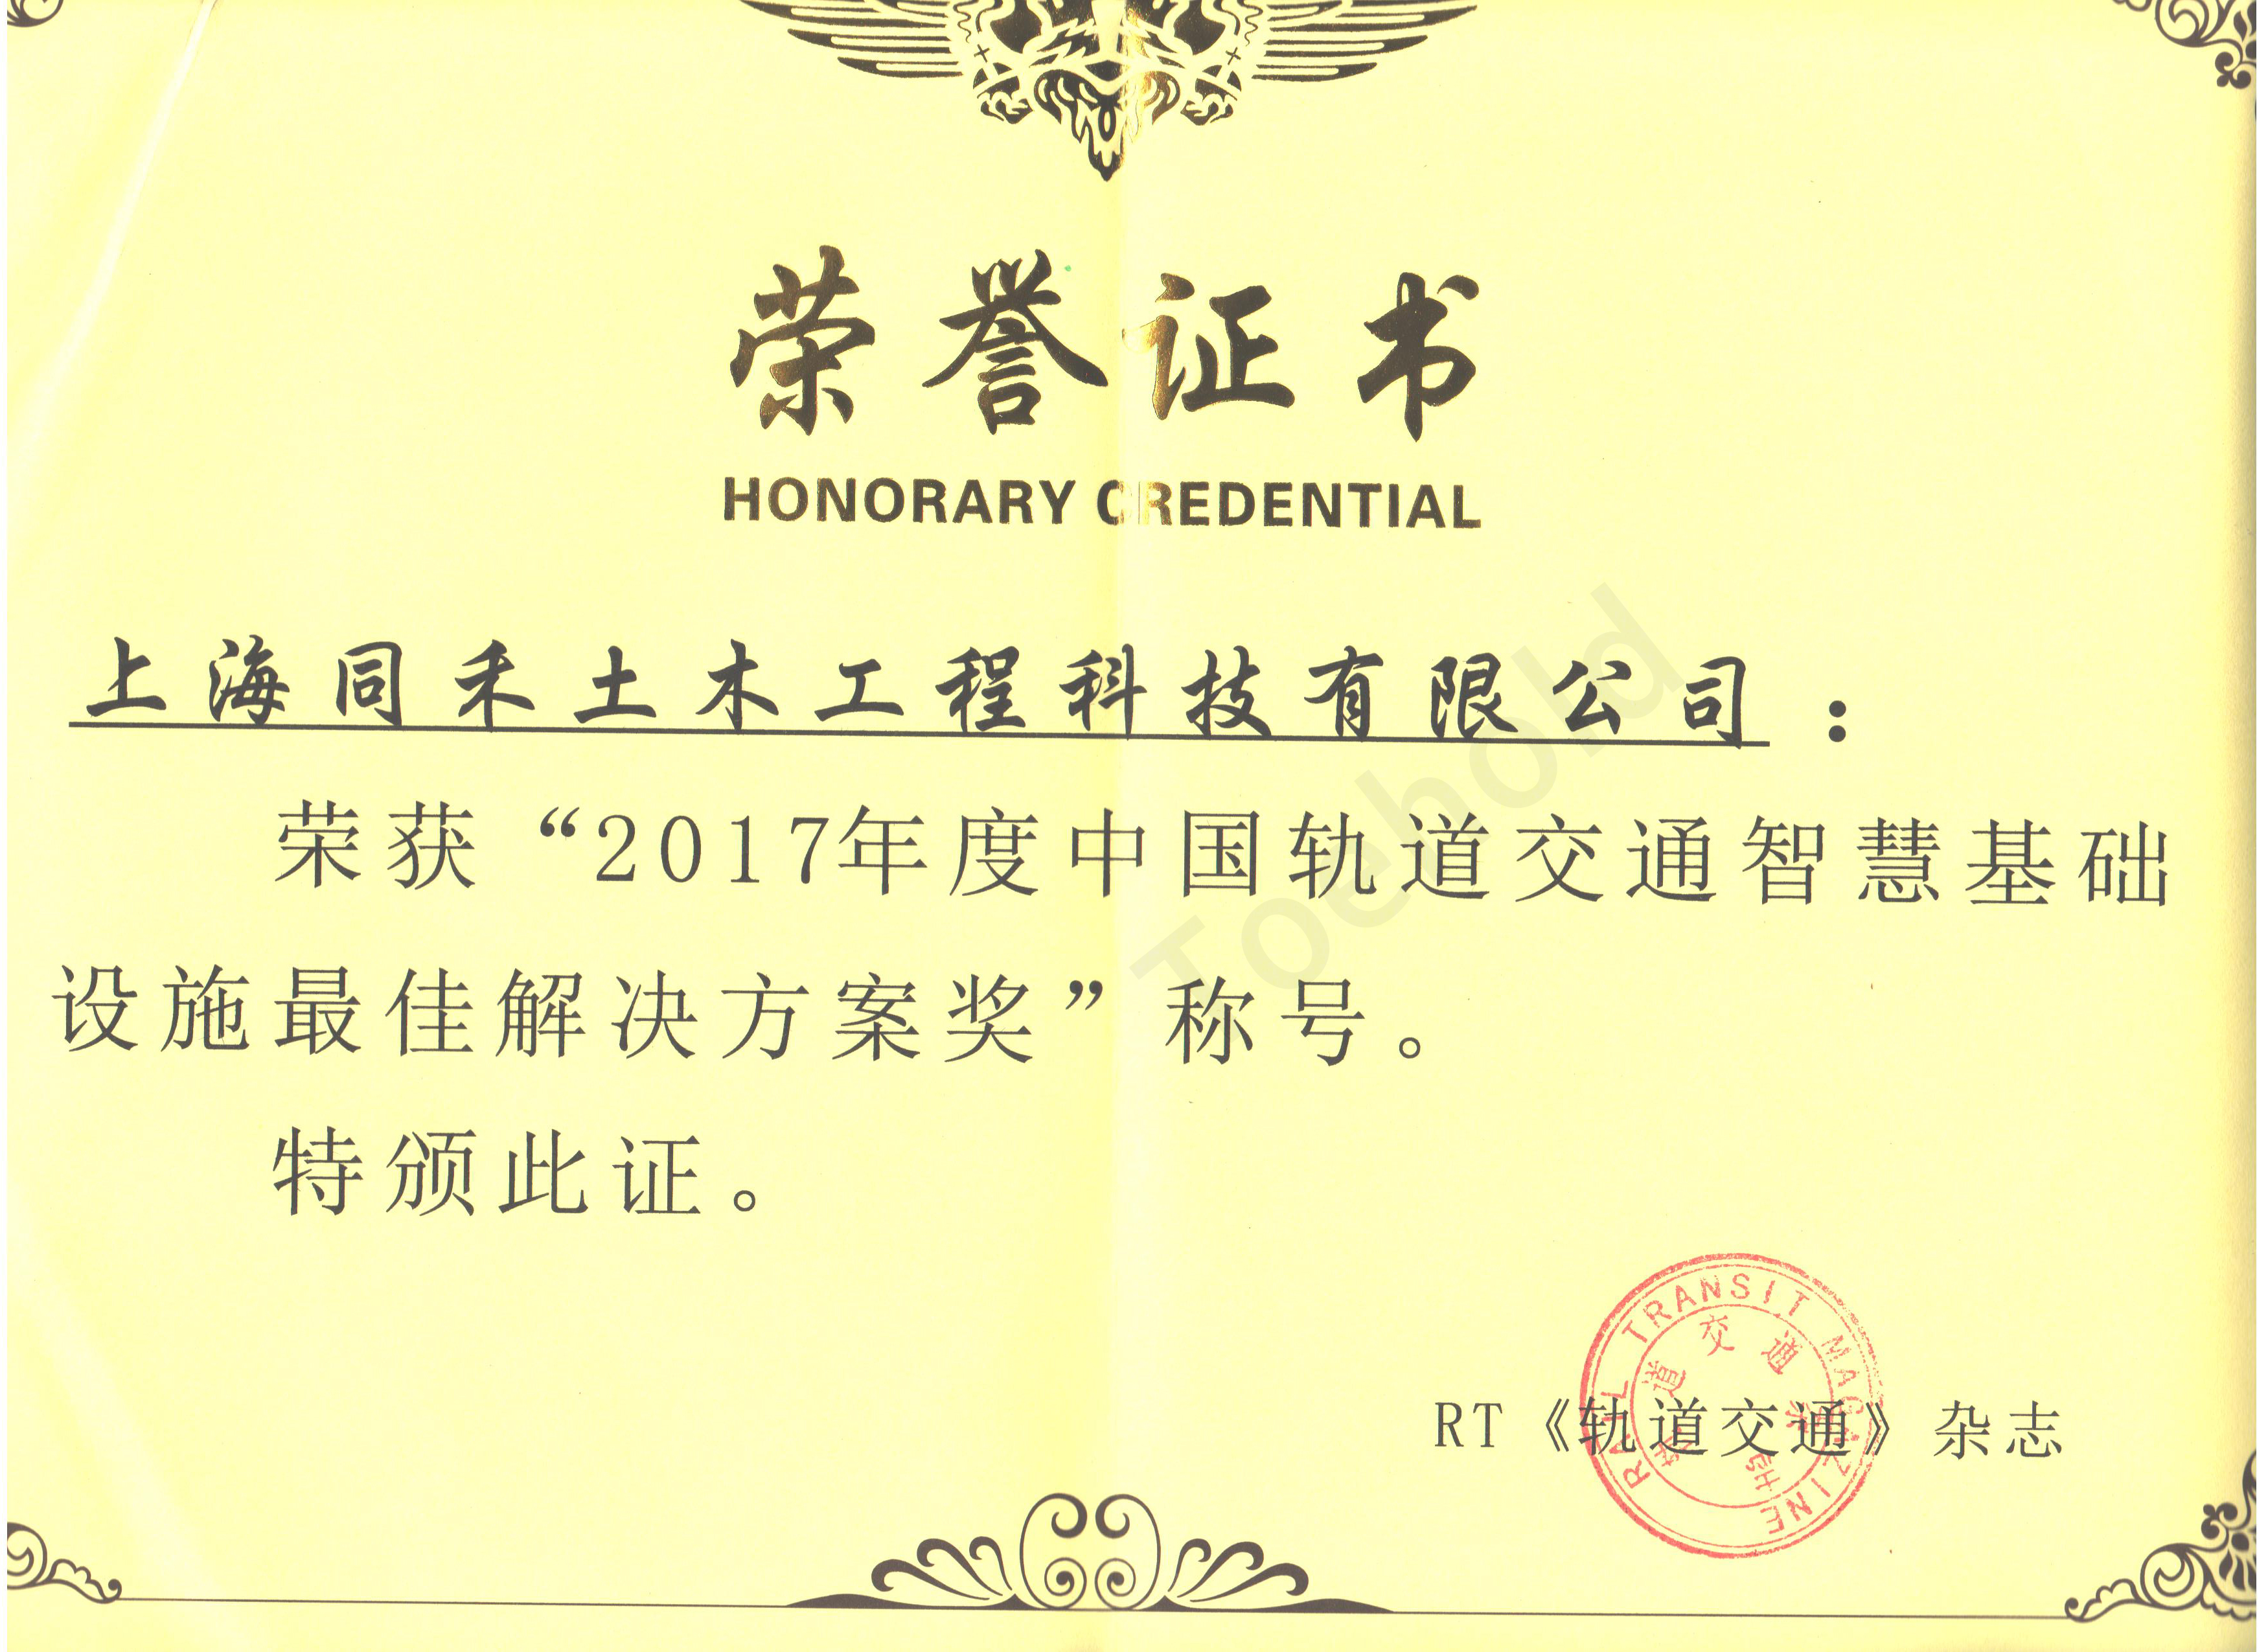 2017中國軌道交通智慧基礎設施最佳解決方案獎